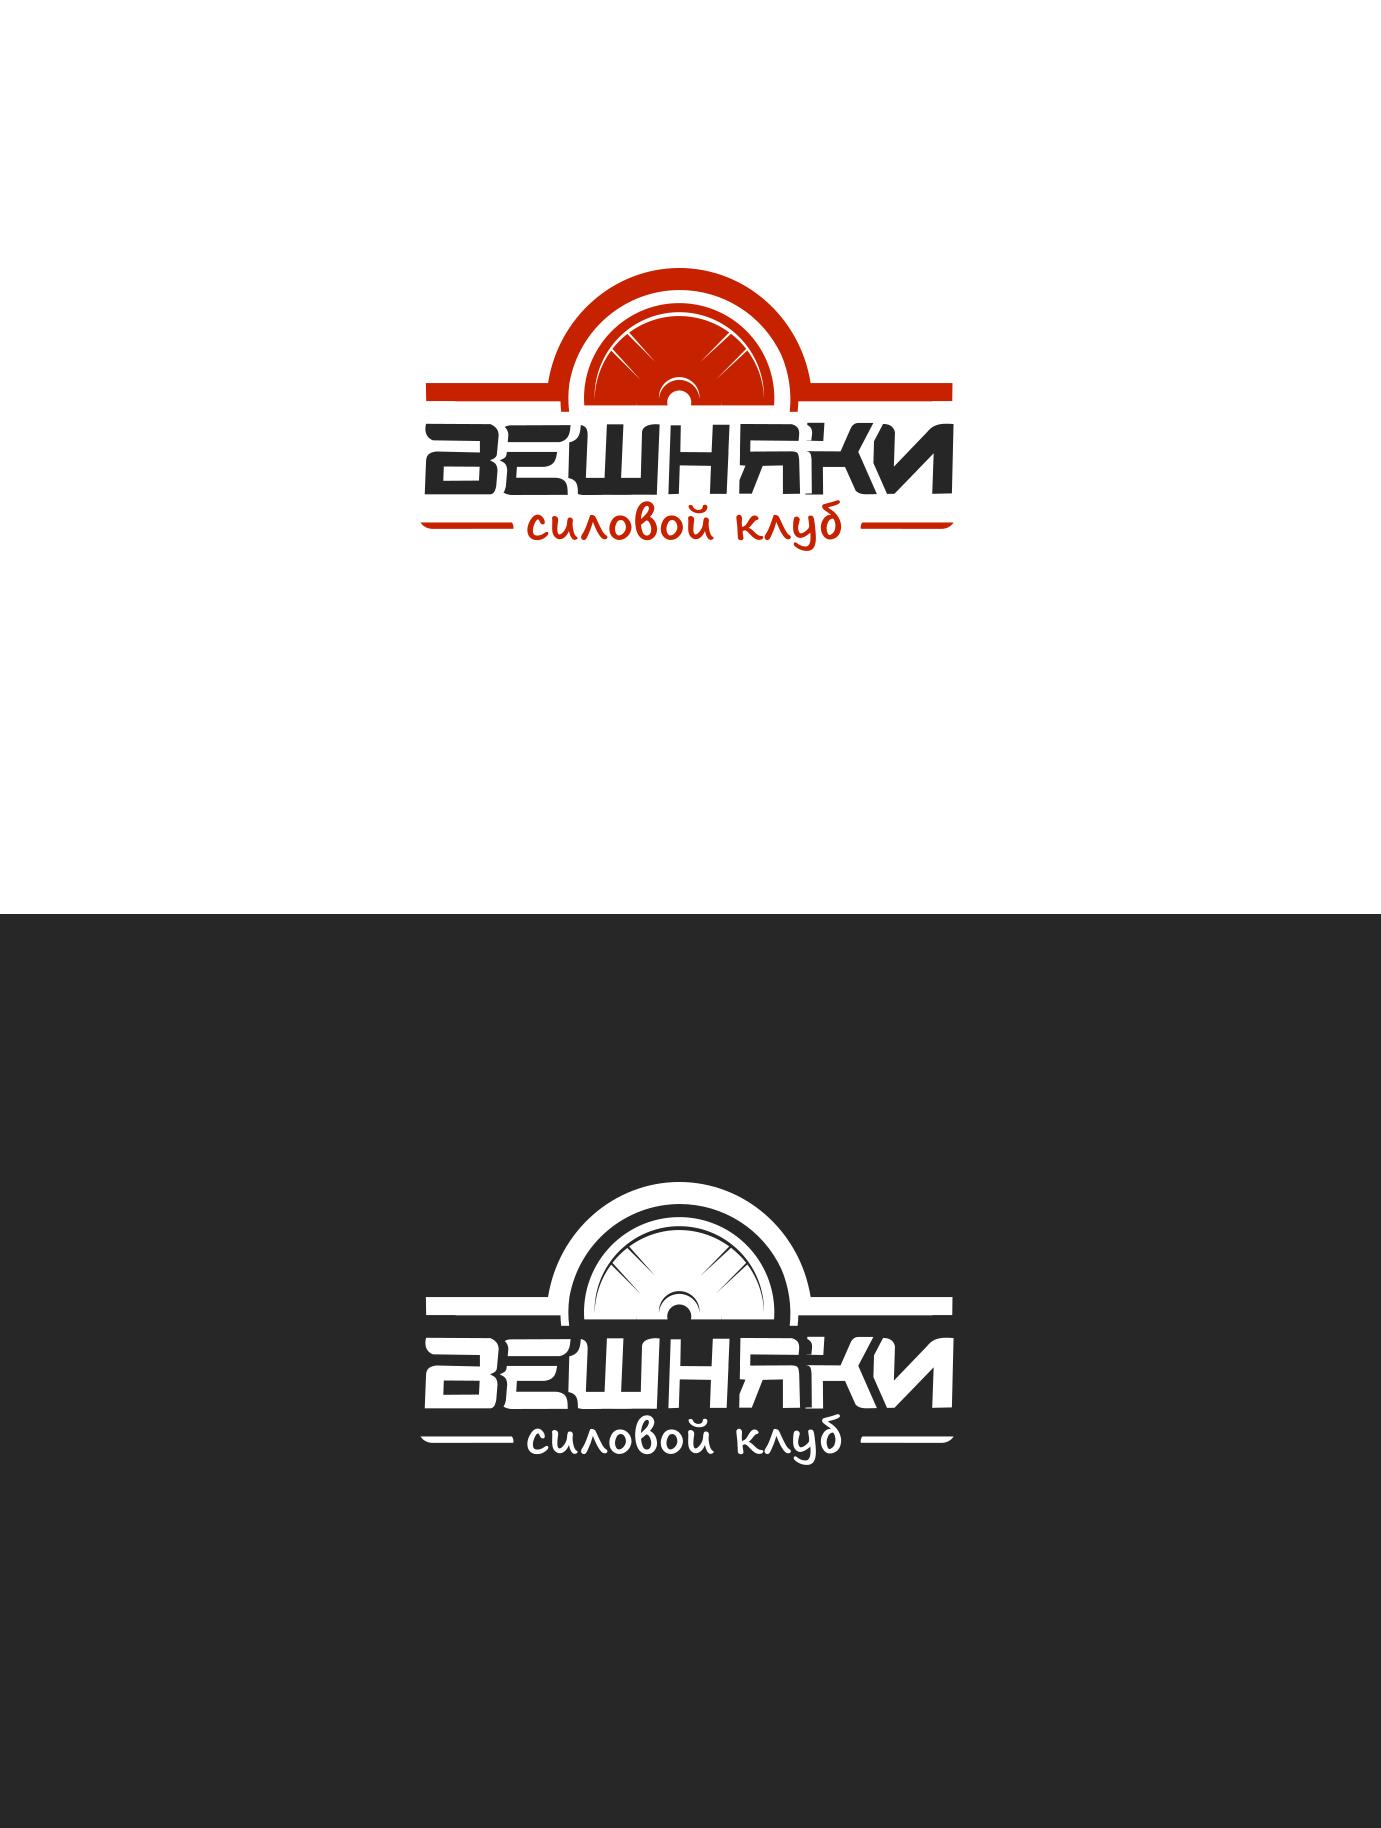 Адаптация (разработка) логотипа Силового клуба ВЕШНЯКИ в инт фото f_8485fbbe4866df02.png